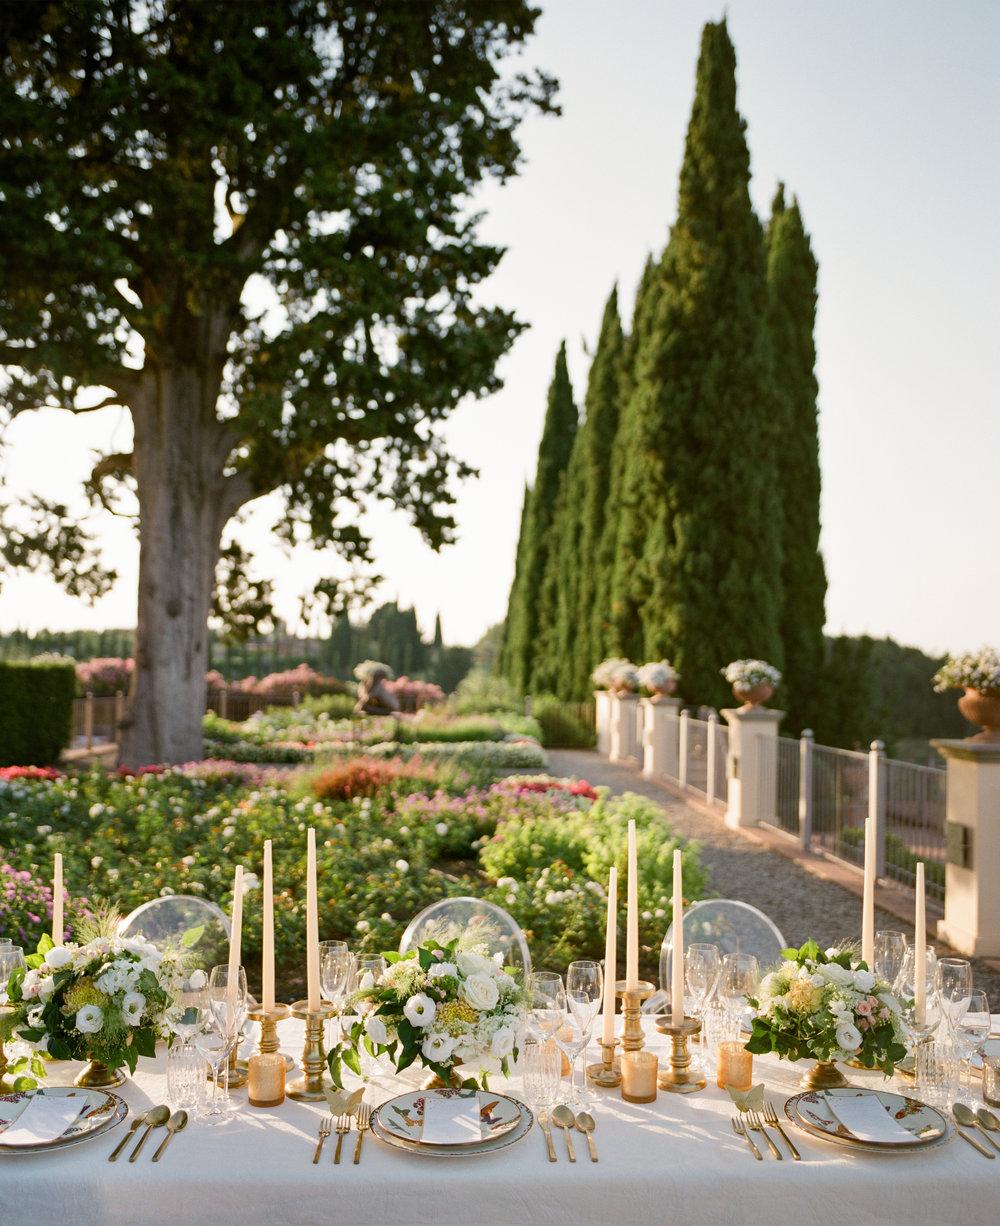 Sara Donaldson_Julian Leaver_Italy Dinner For Eight_0014.jpg